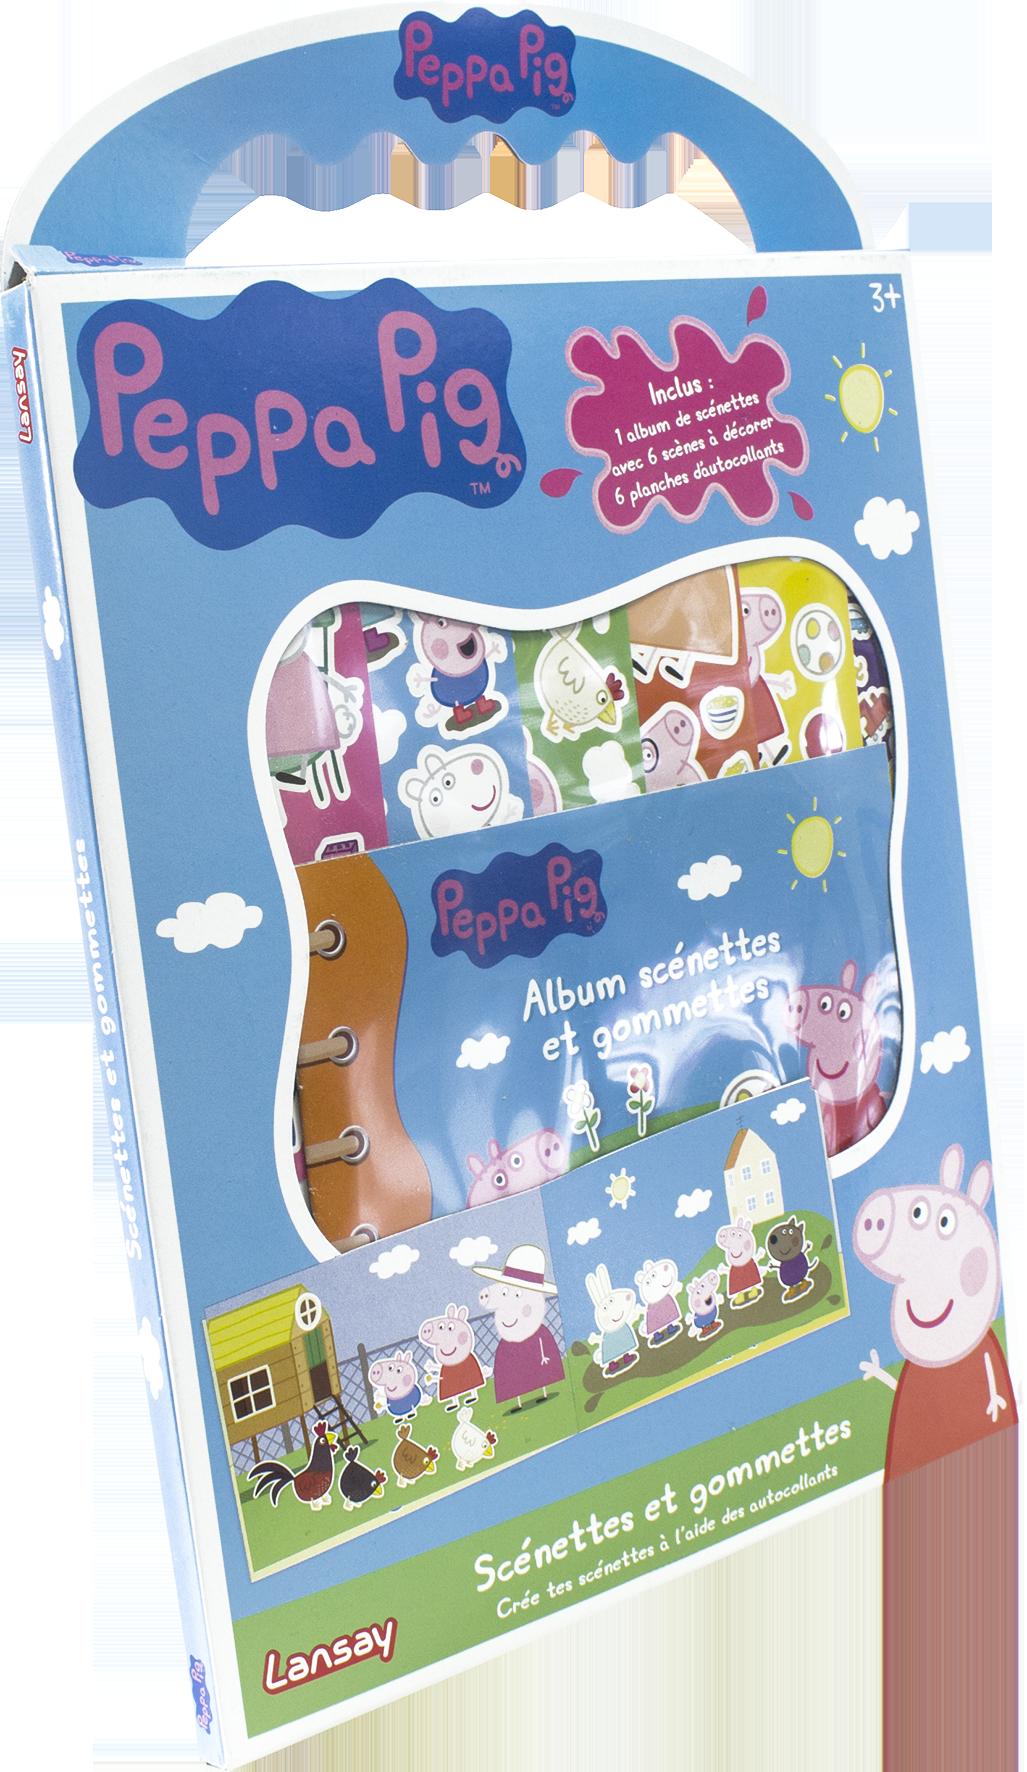 Scénettes et gommettes - Peppa Pig